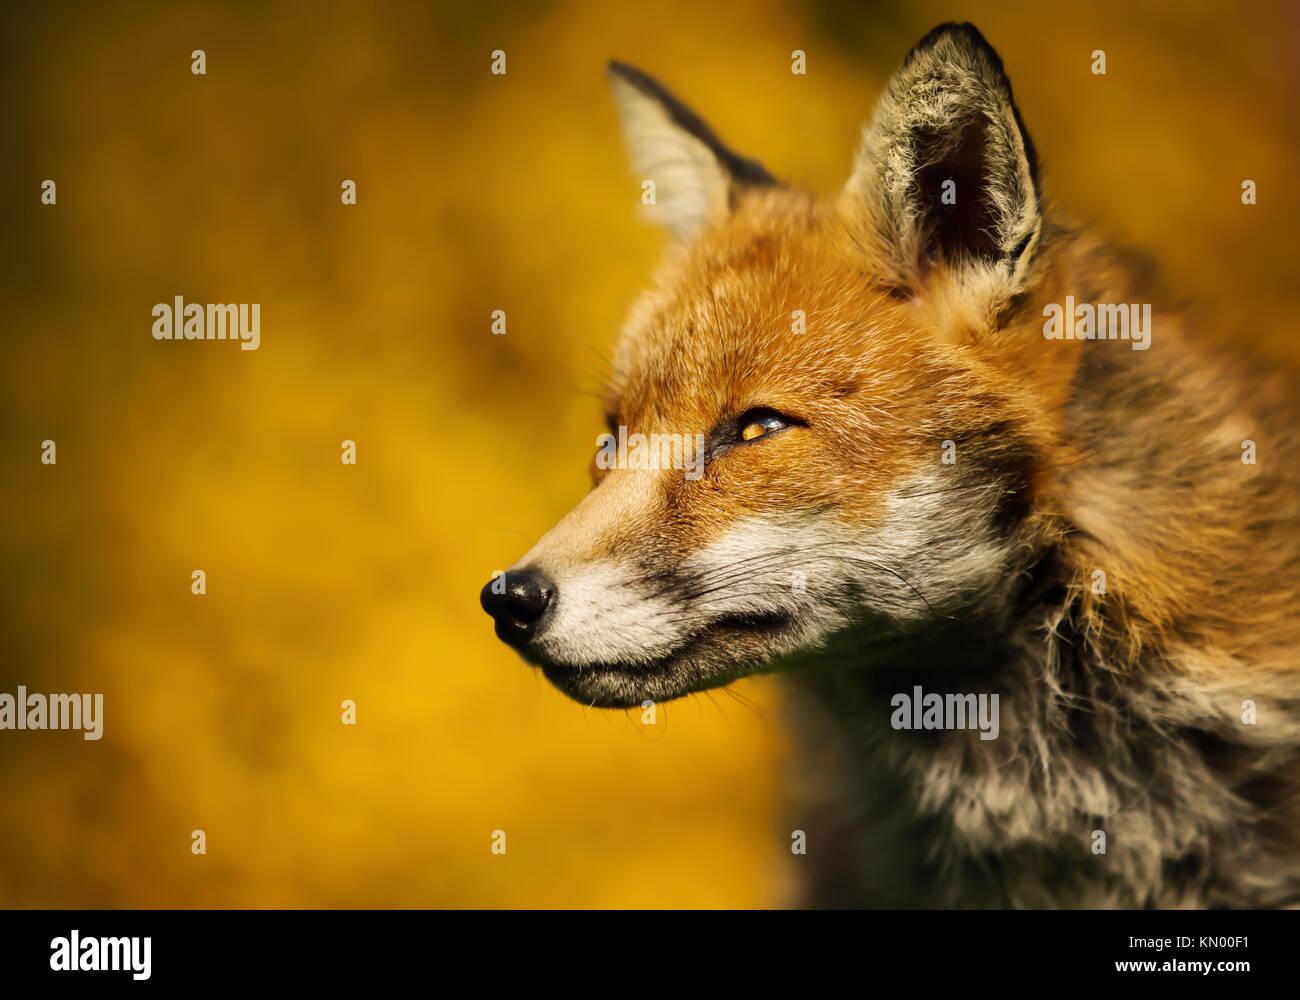 Cierre aislado de un adulto zorro rojo retrato contra el fondo de colores, REINO UNIDO Imagen De Stock